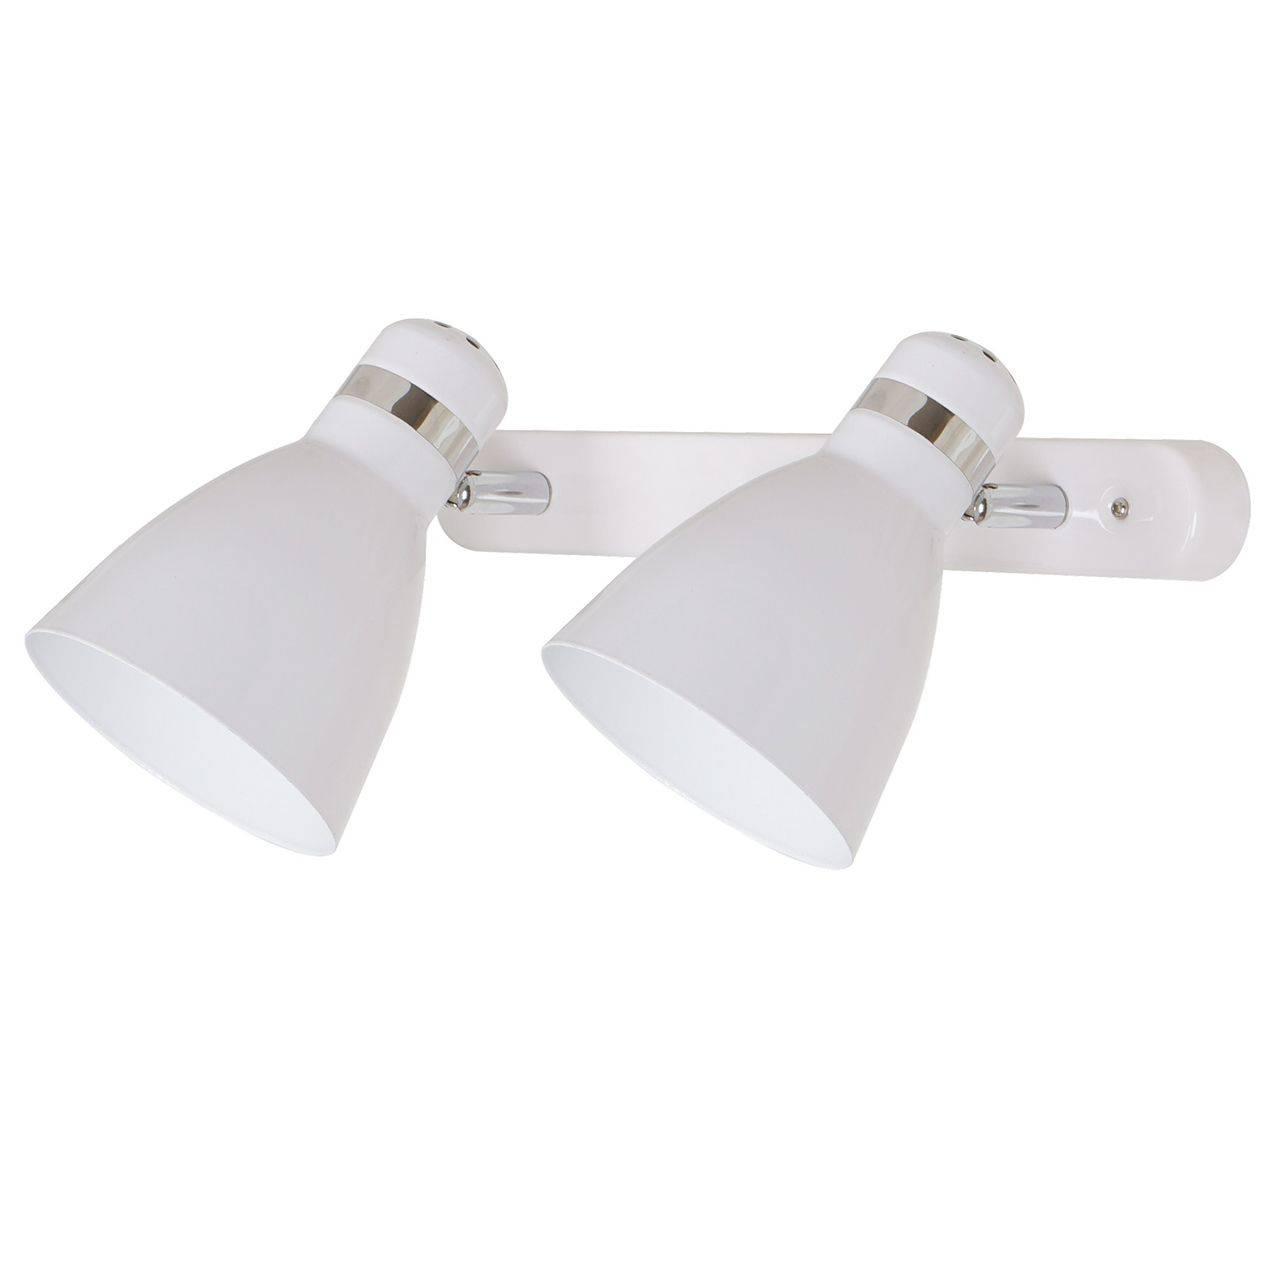 Спот Arte Lamp 48 A5049AP-2WH спот arte lamp a5049ap 2wh